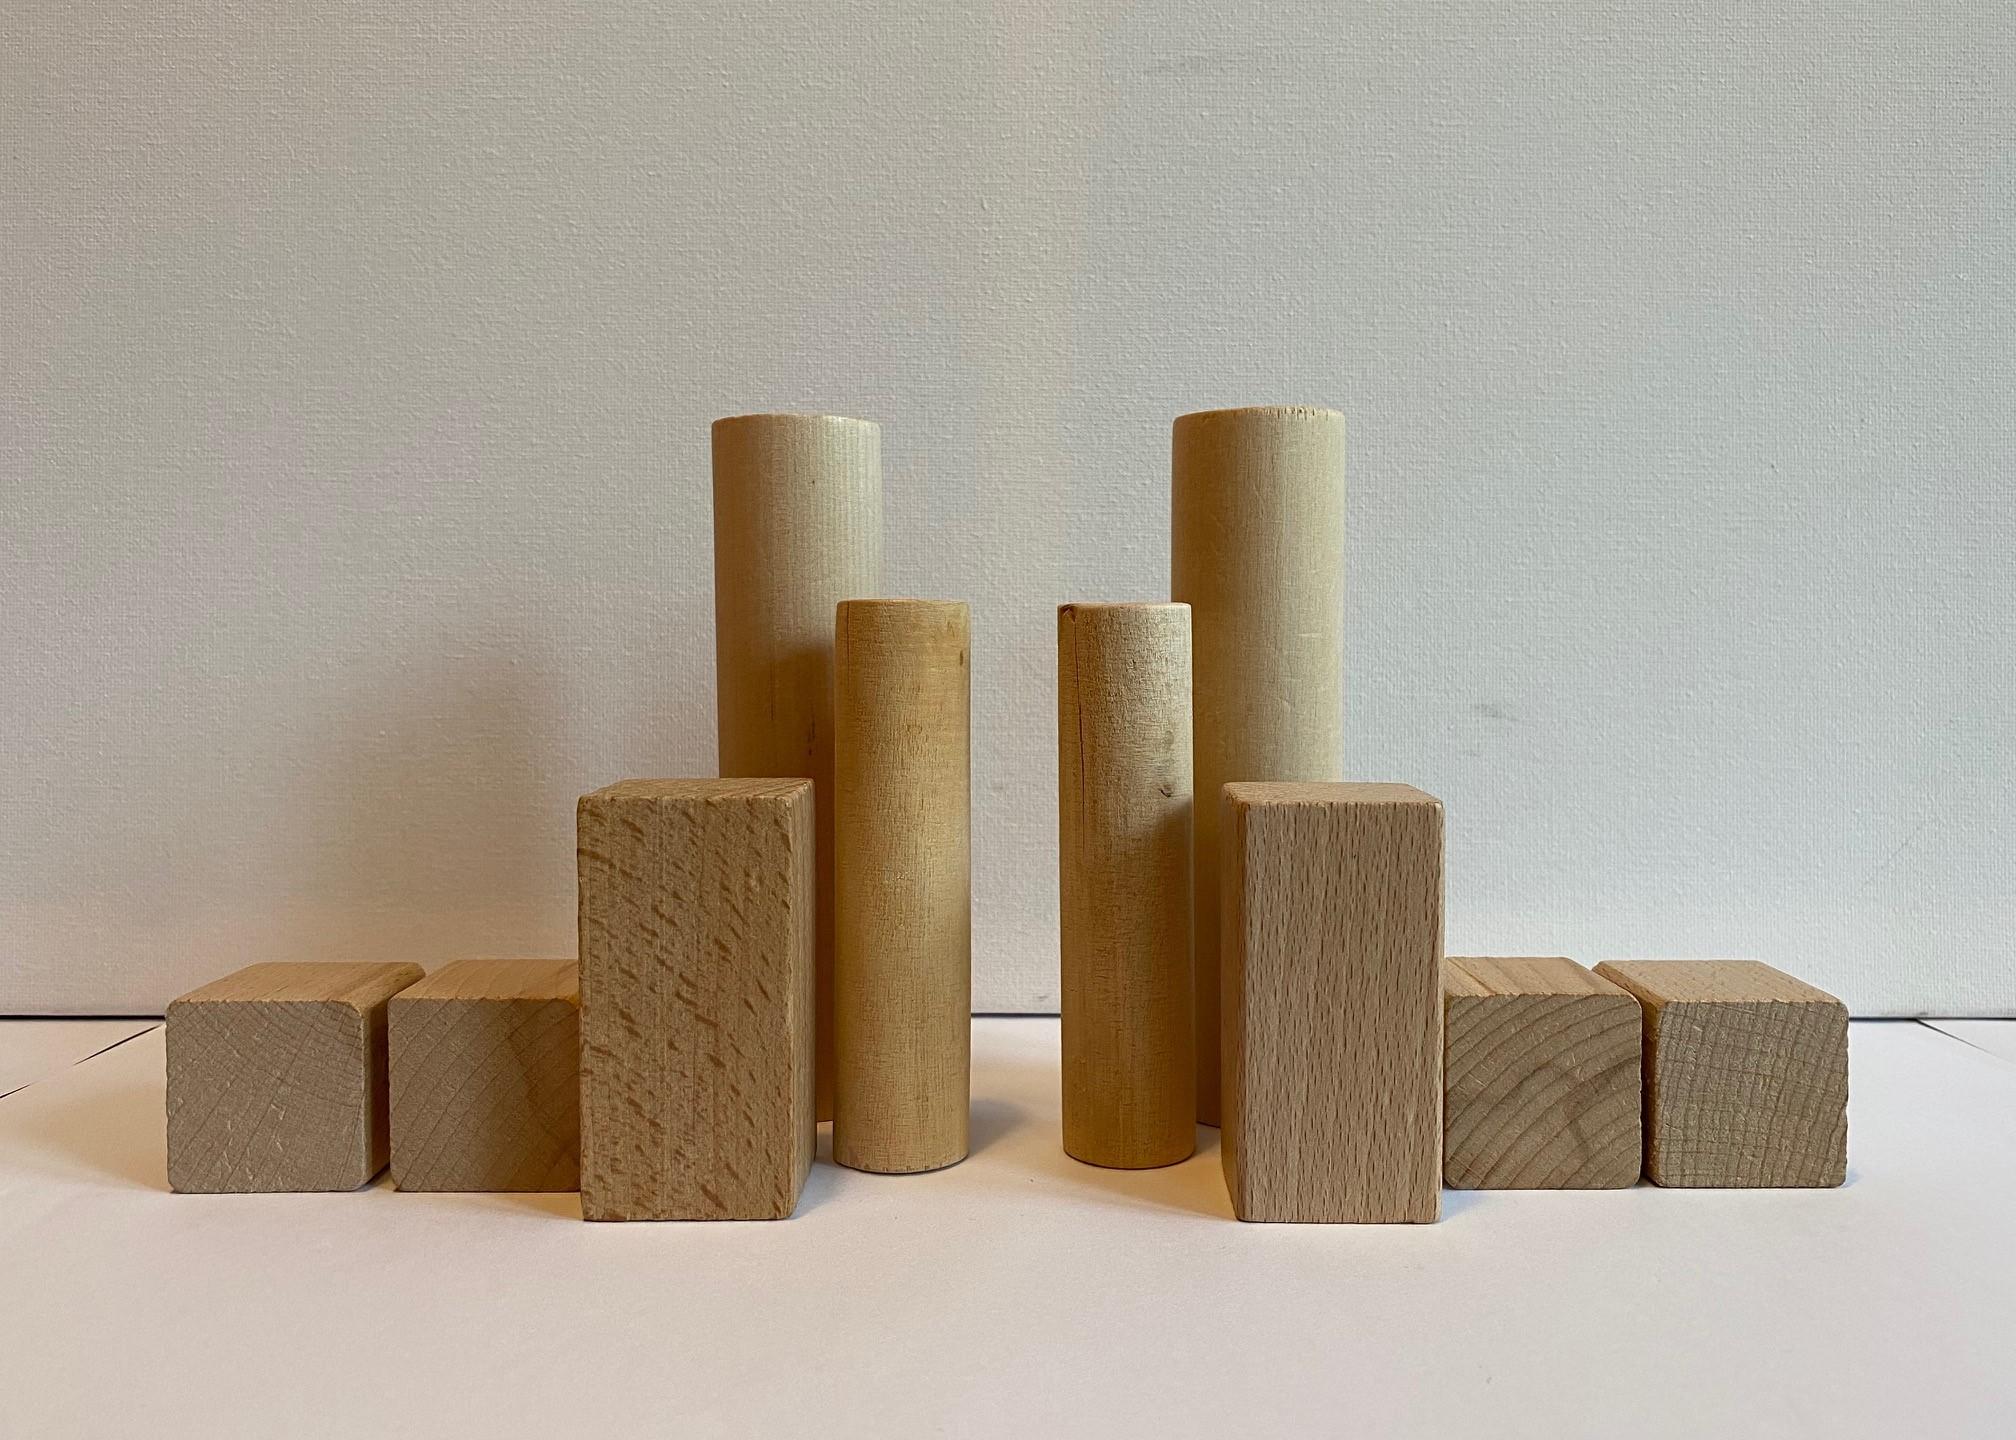 compositie symmetrie